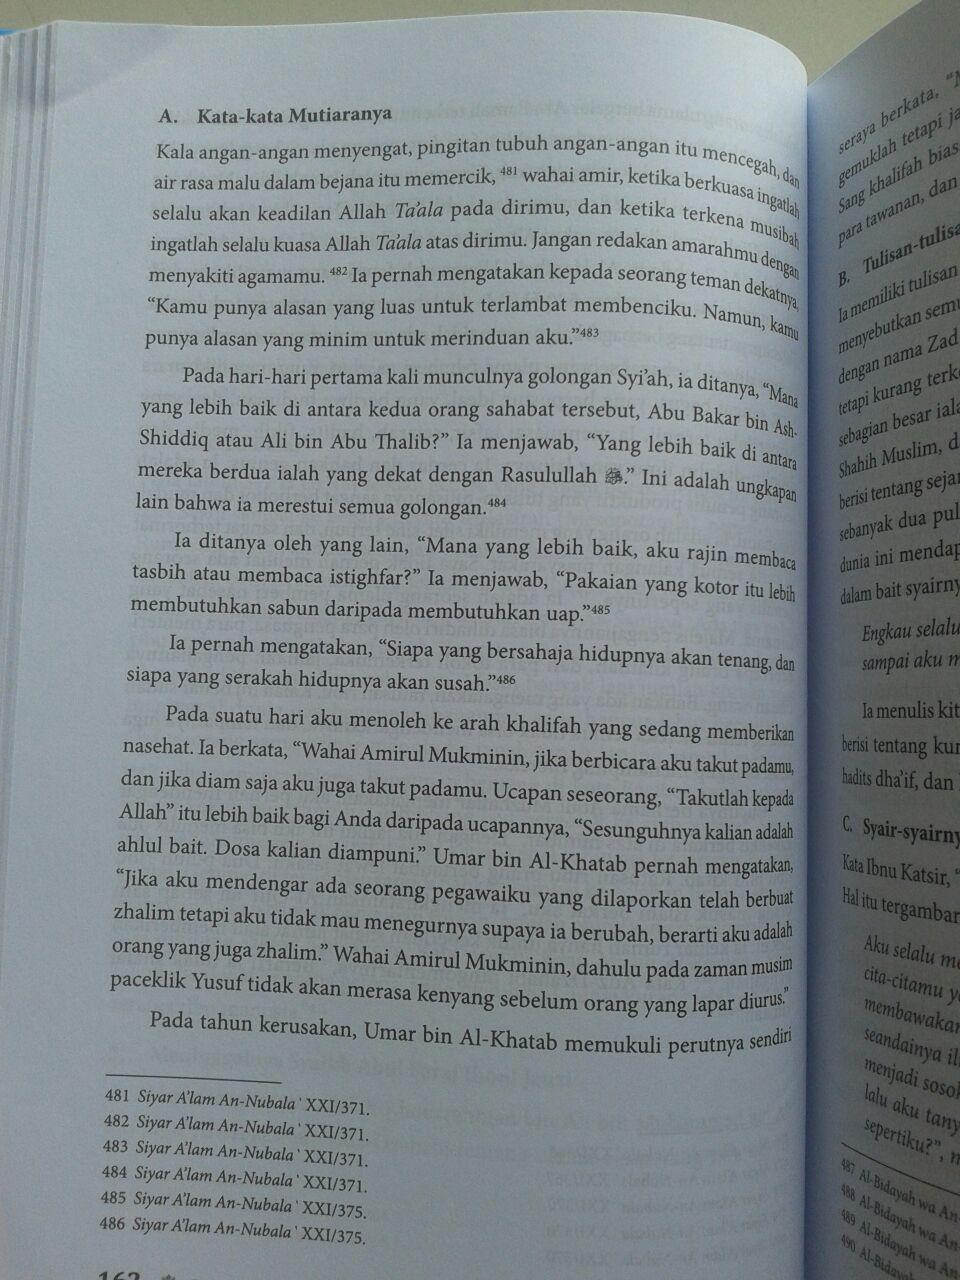 Buku Bangkit Runtuhnya Daulah Ayyubiyah isi 3